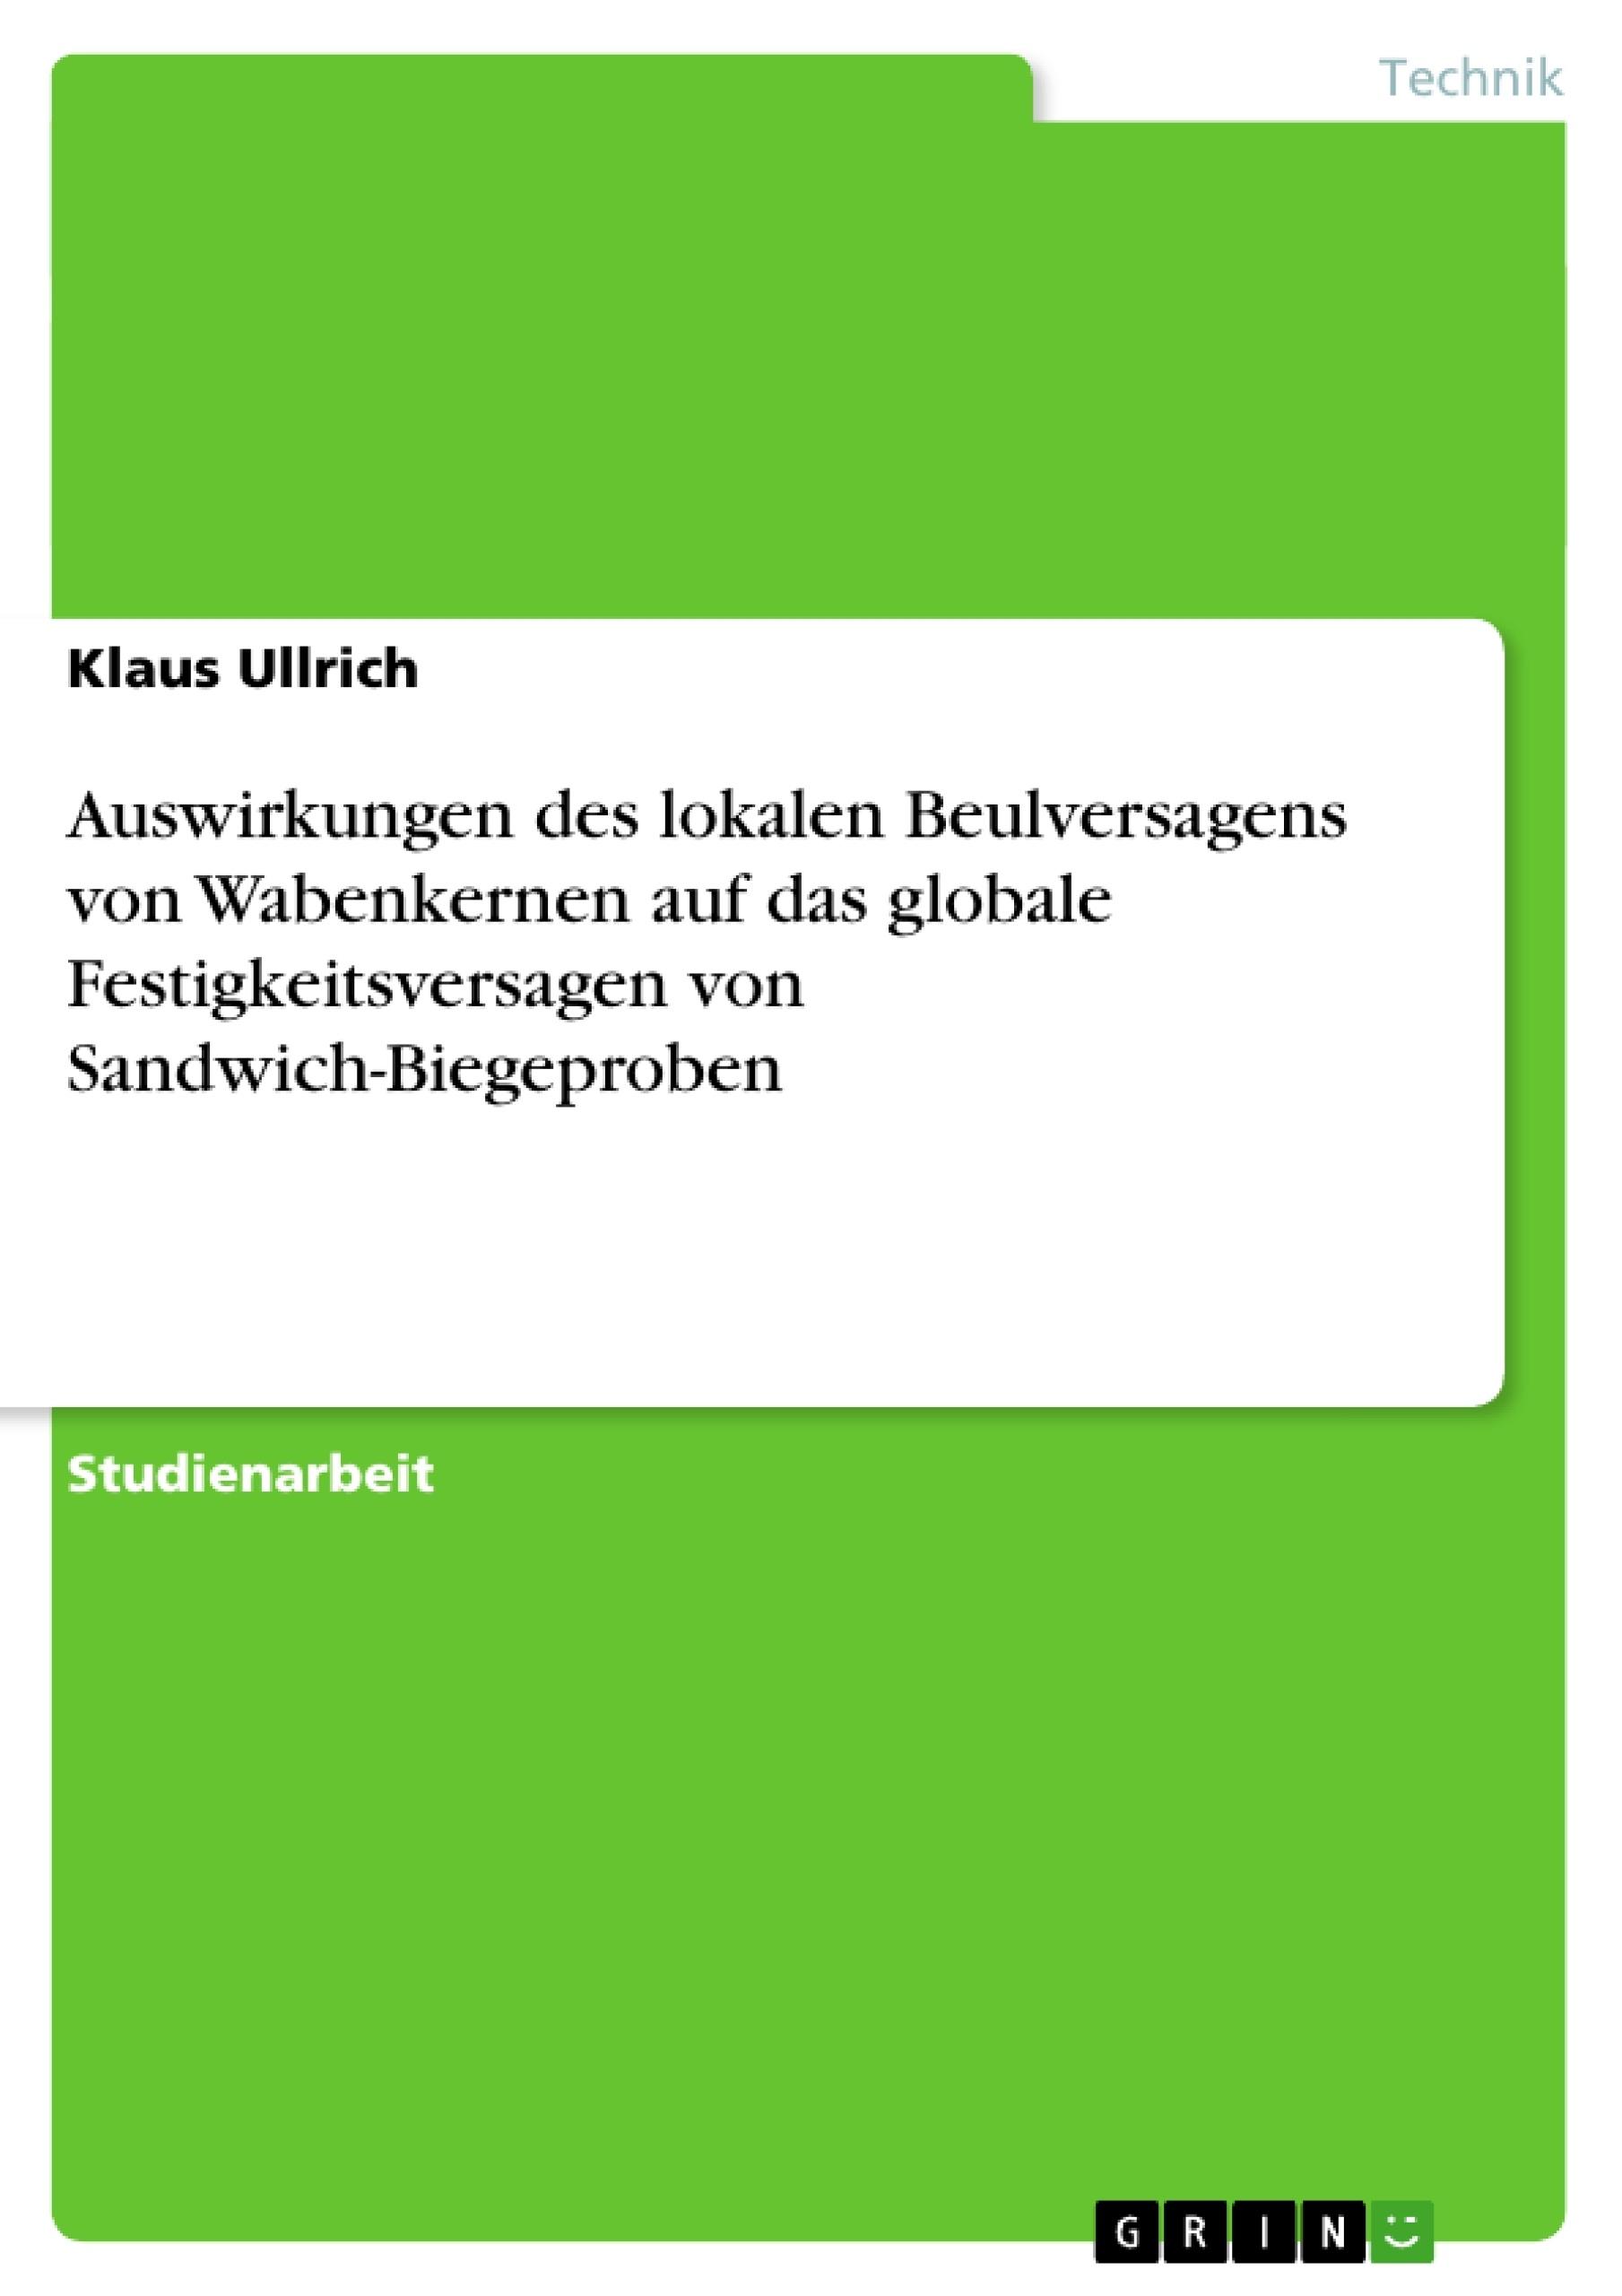 Titel: Auswirkungen des lokalen Beulversagens von Wabenkernen auf das globale Festigkeitsversagen von Sandwich-Biegeproben